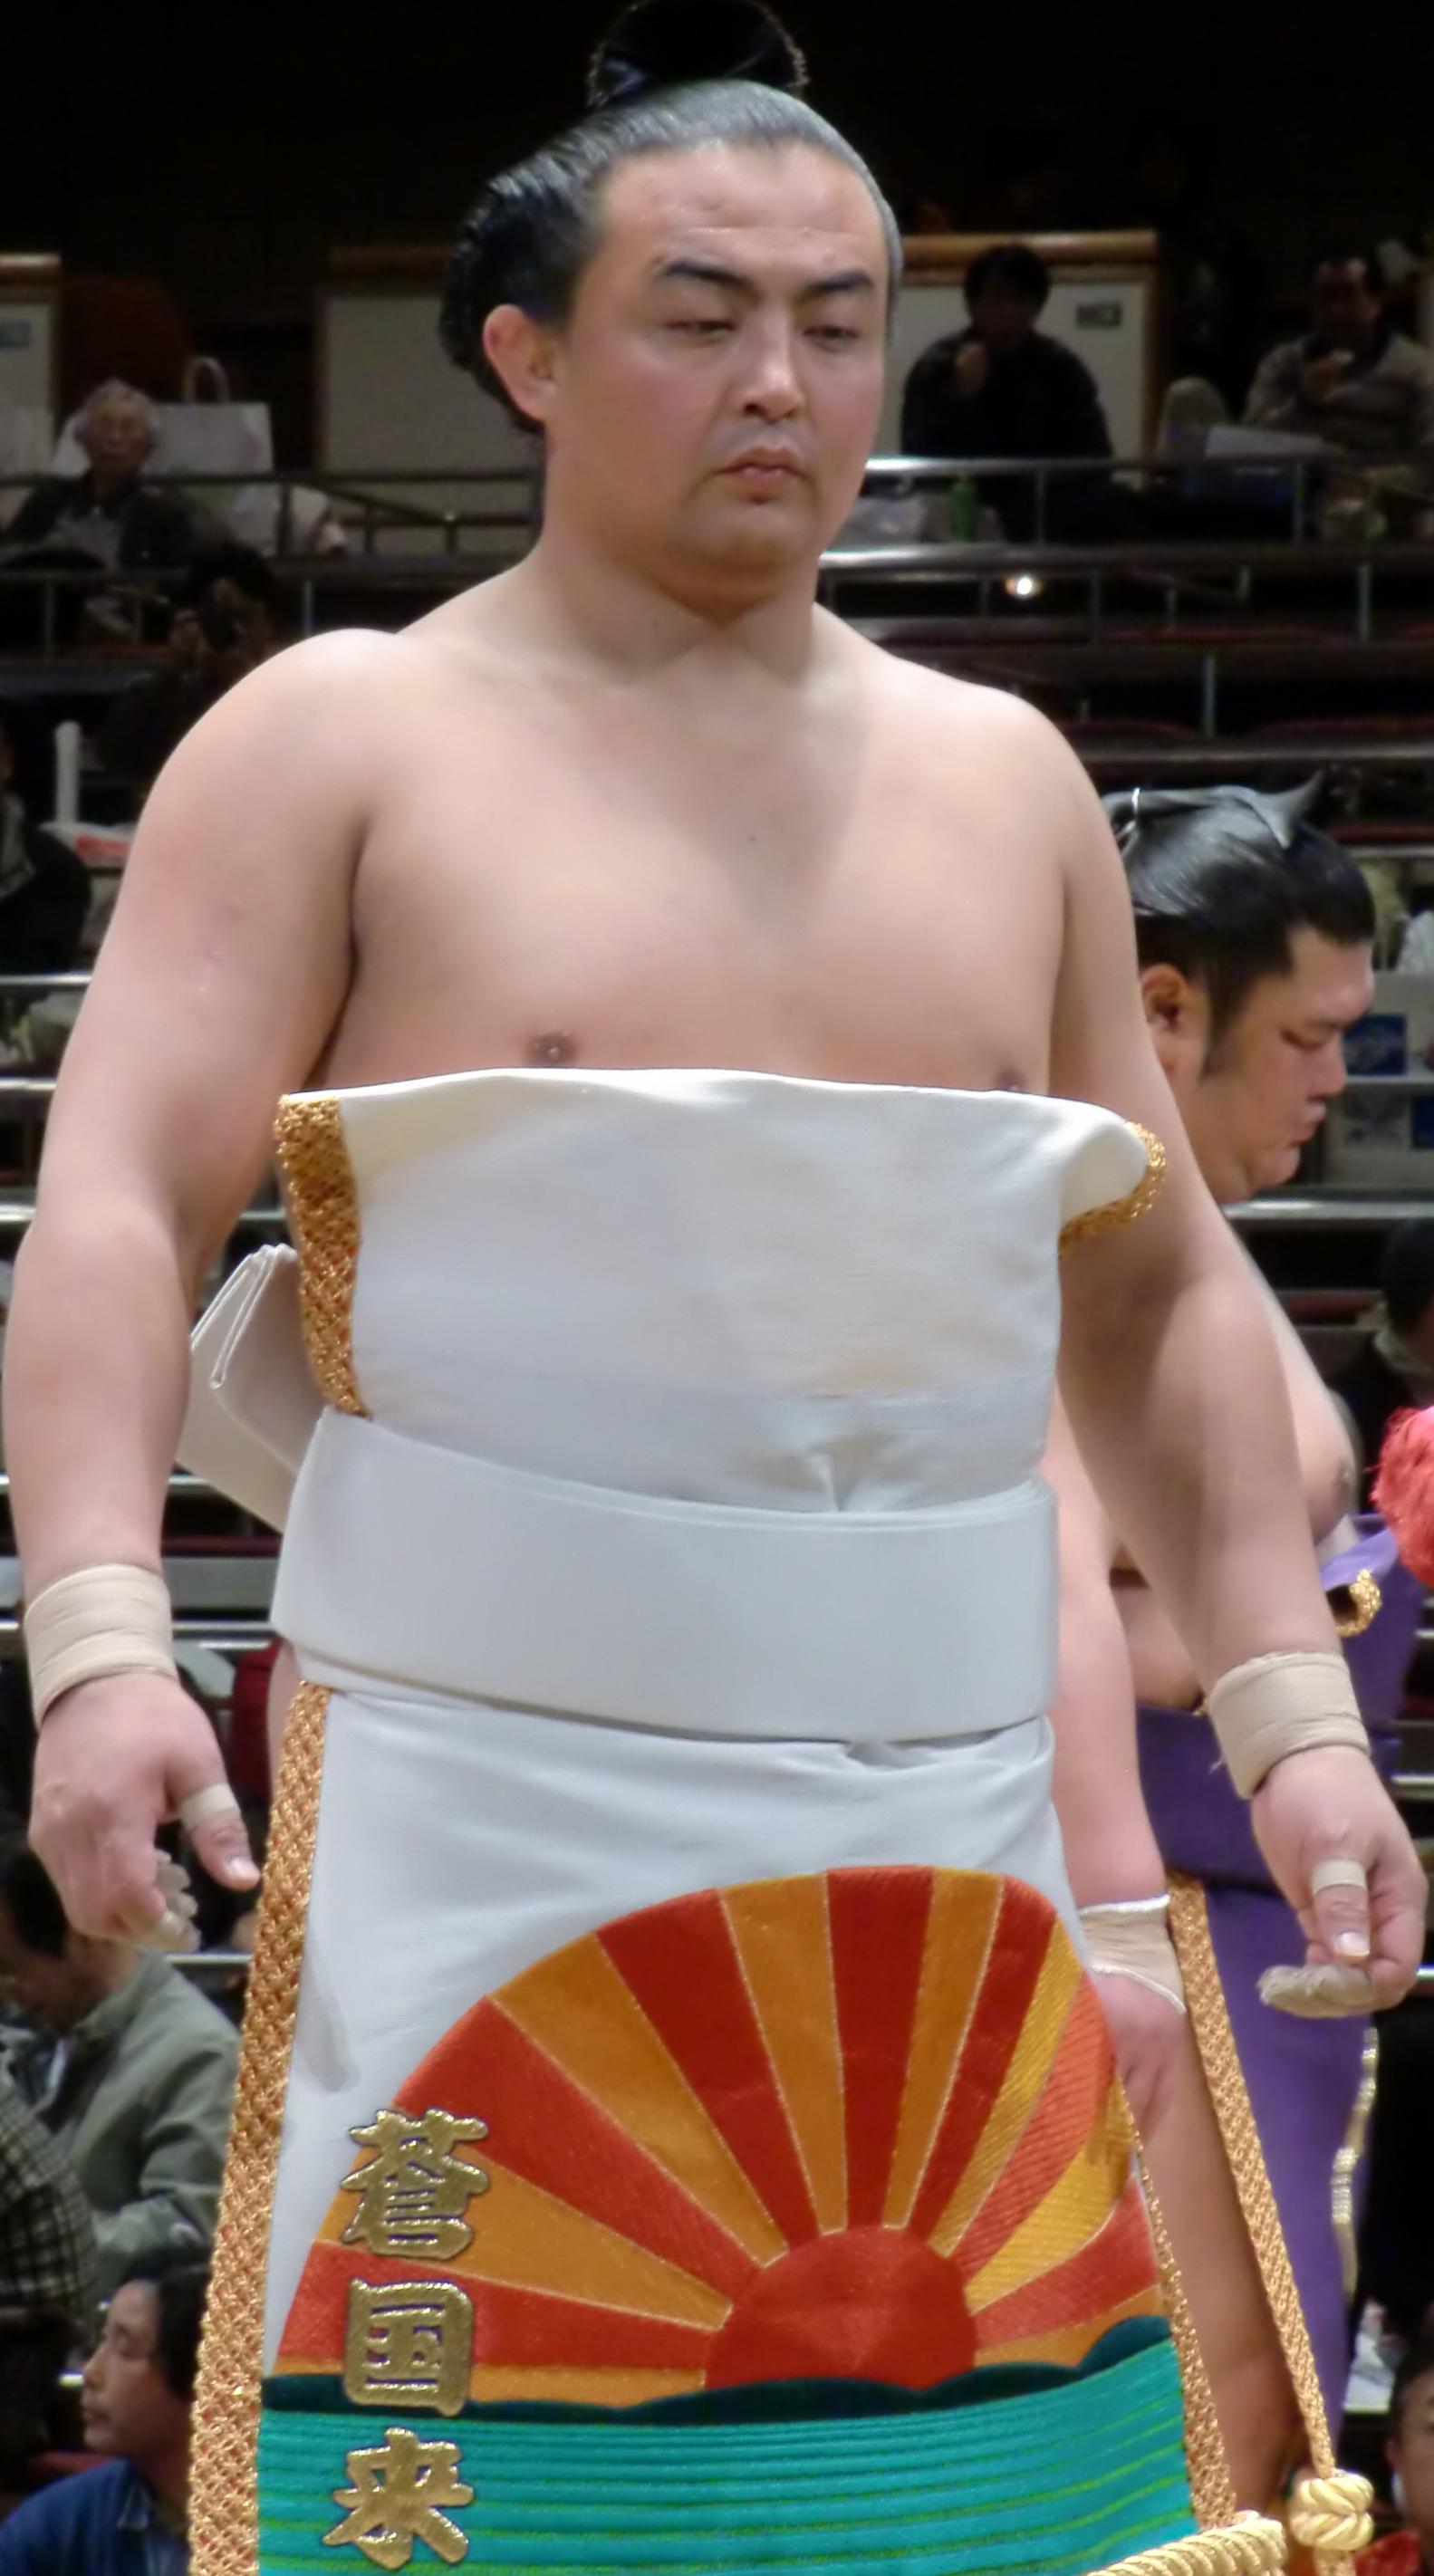 蒼国来栄吉 - Wikipedia